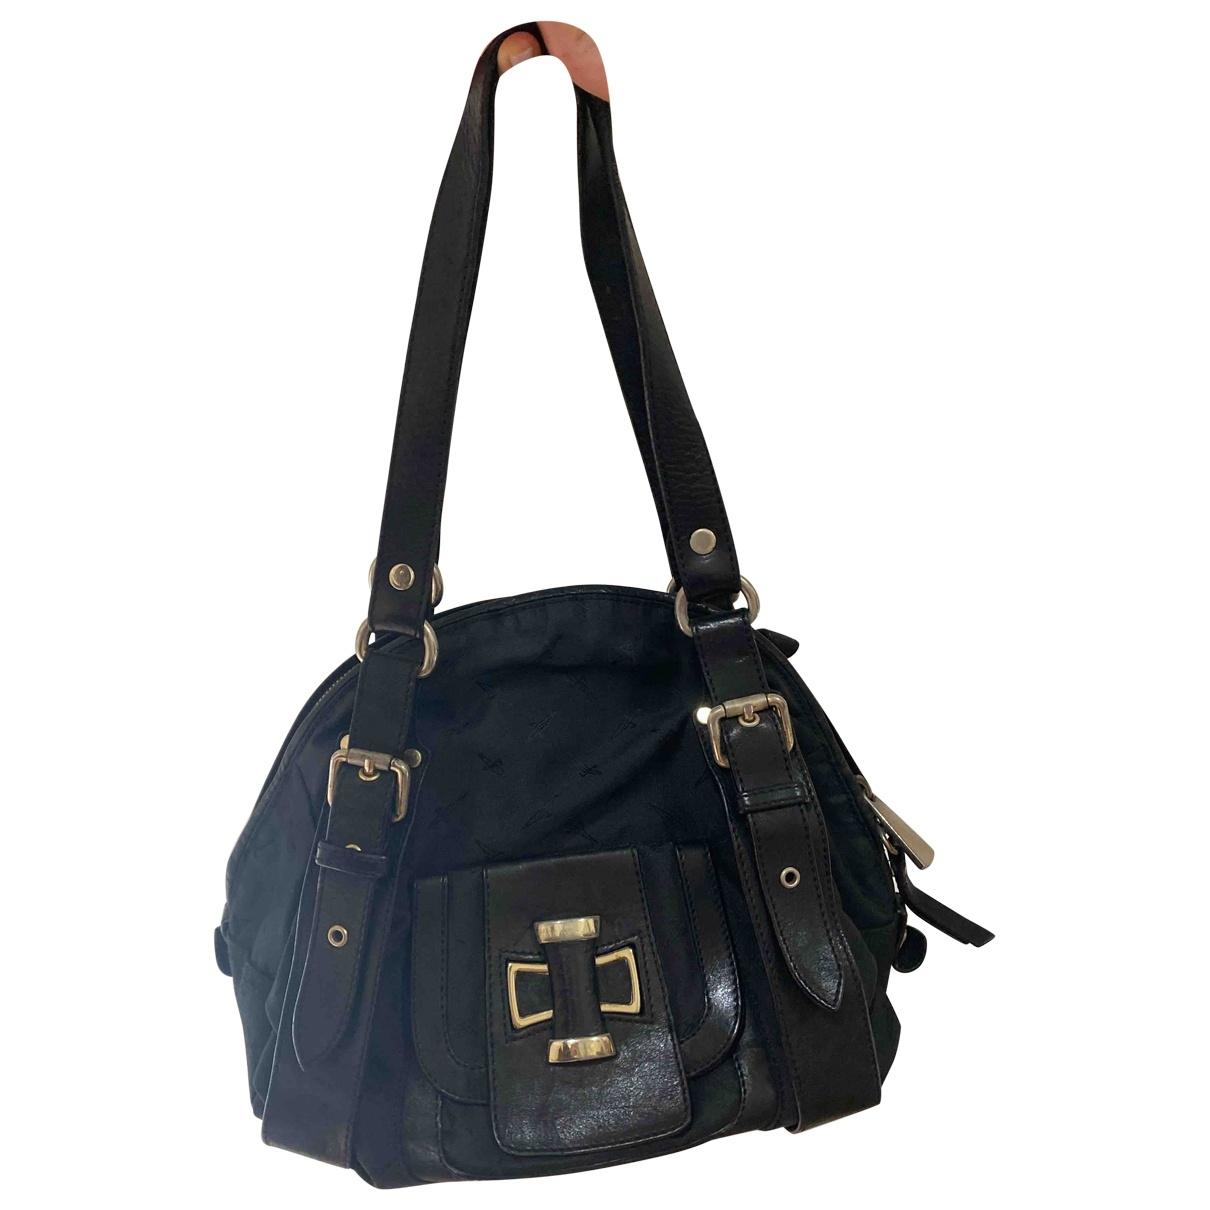 Cesare Paciotti \N Handtasche in  Schwarz Leder